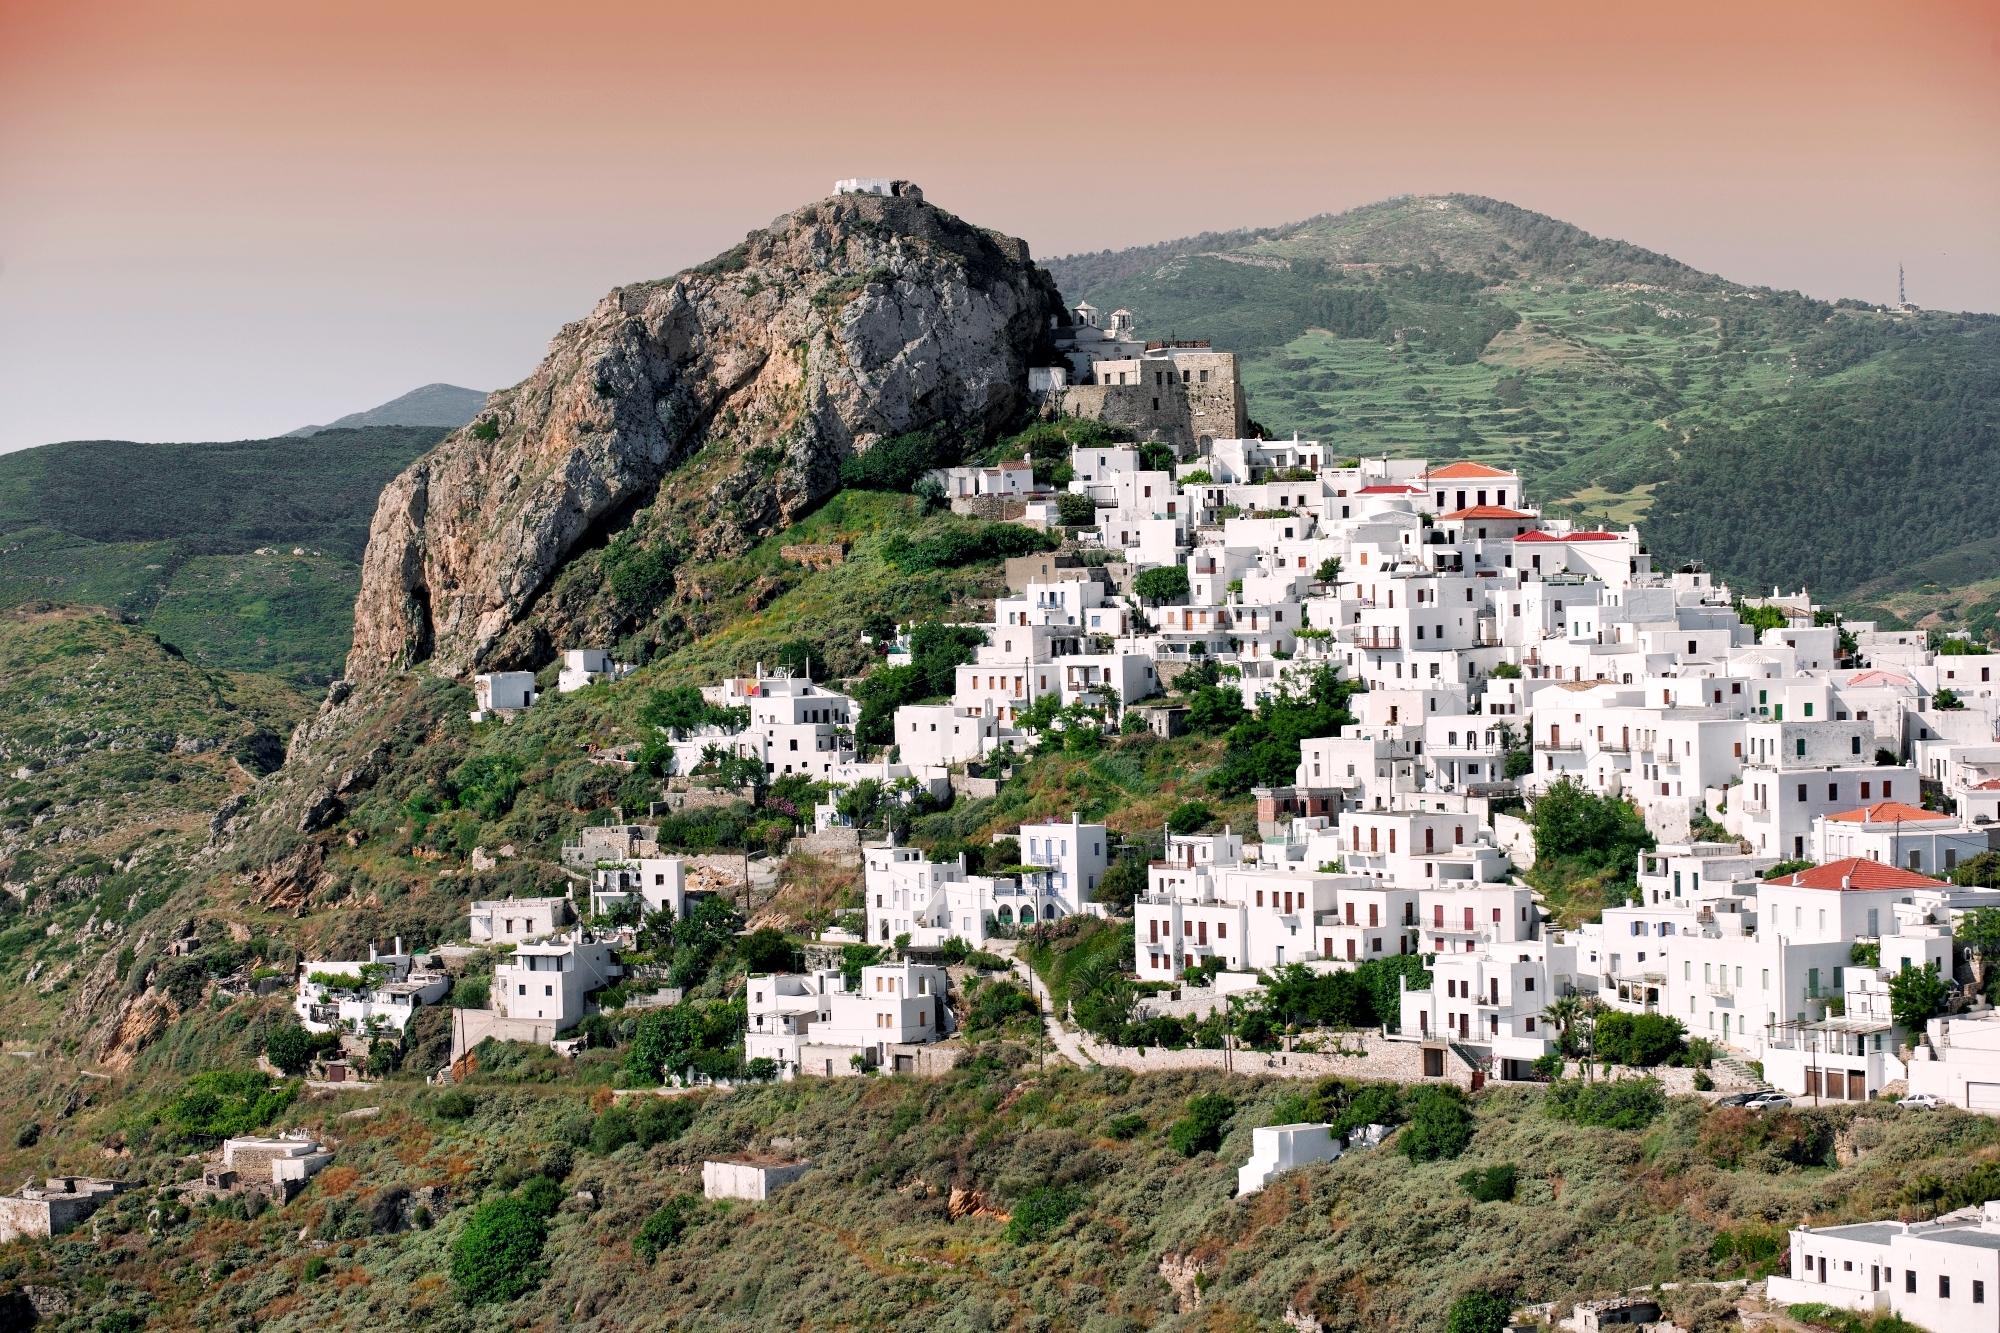 Σκύρος, Πατρικό, Νέλλη, Αλέξης, παραδοσιακές κατοικίες, διαμονή, διαμέρισμα, ενοικιαζόμενα, δωμάτια, επιπλωμένα, εξοπλισμένα, Χώρα, οικισμοί